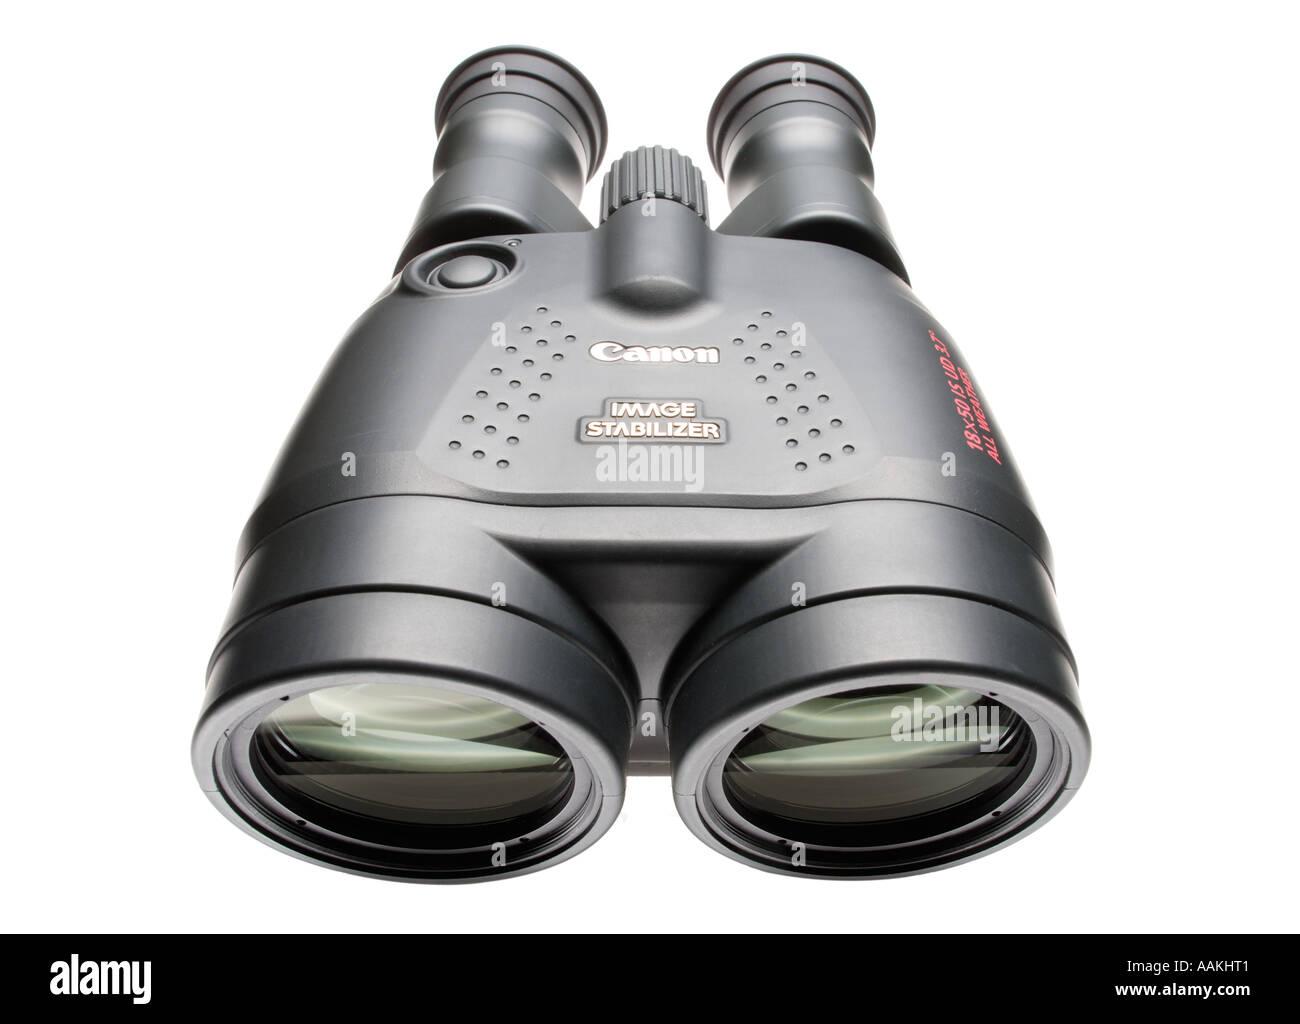 Canon ferngläser